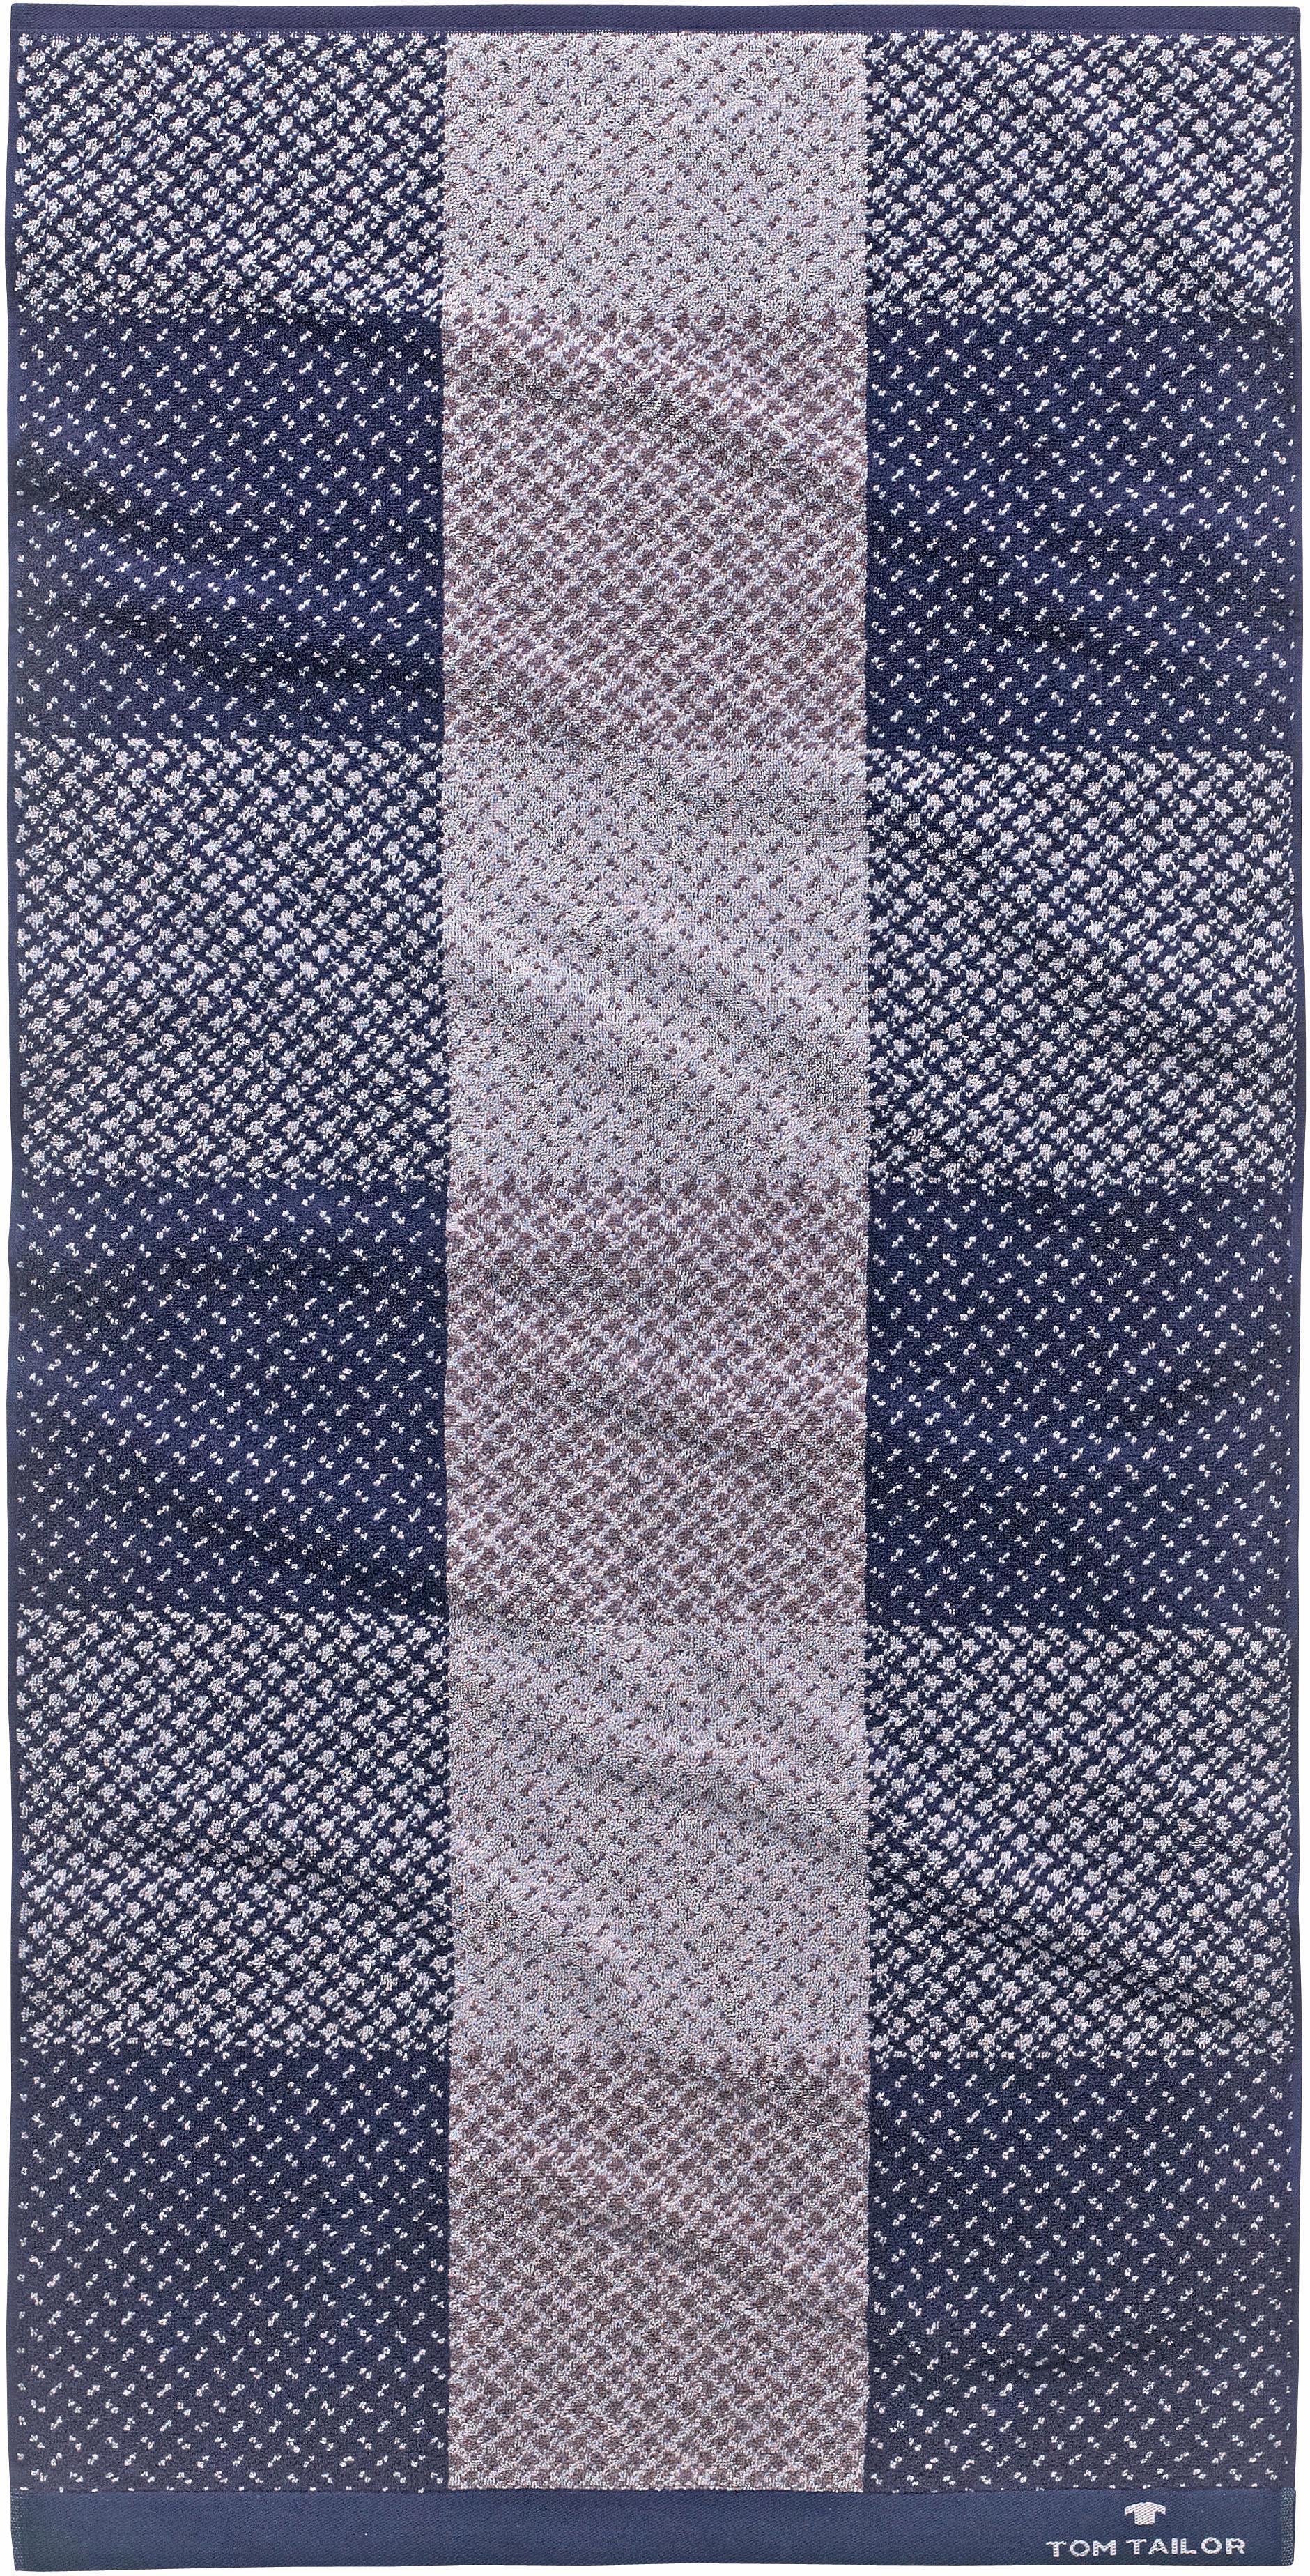 Handtücher Tom Tailor Check mit klassischen karo ausgestattet